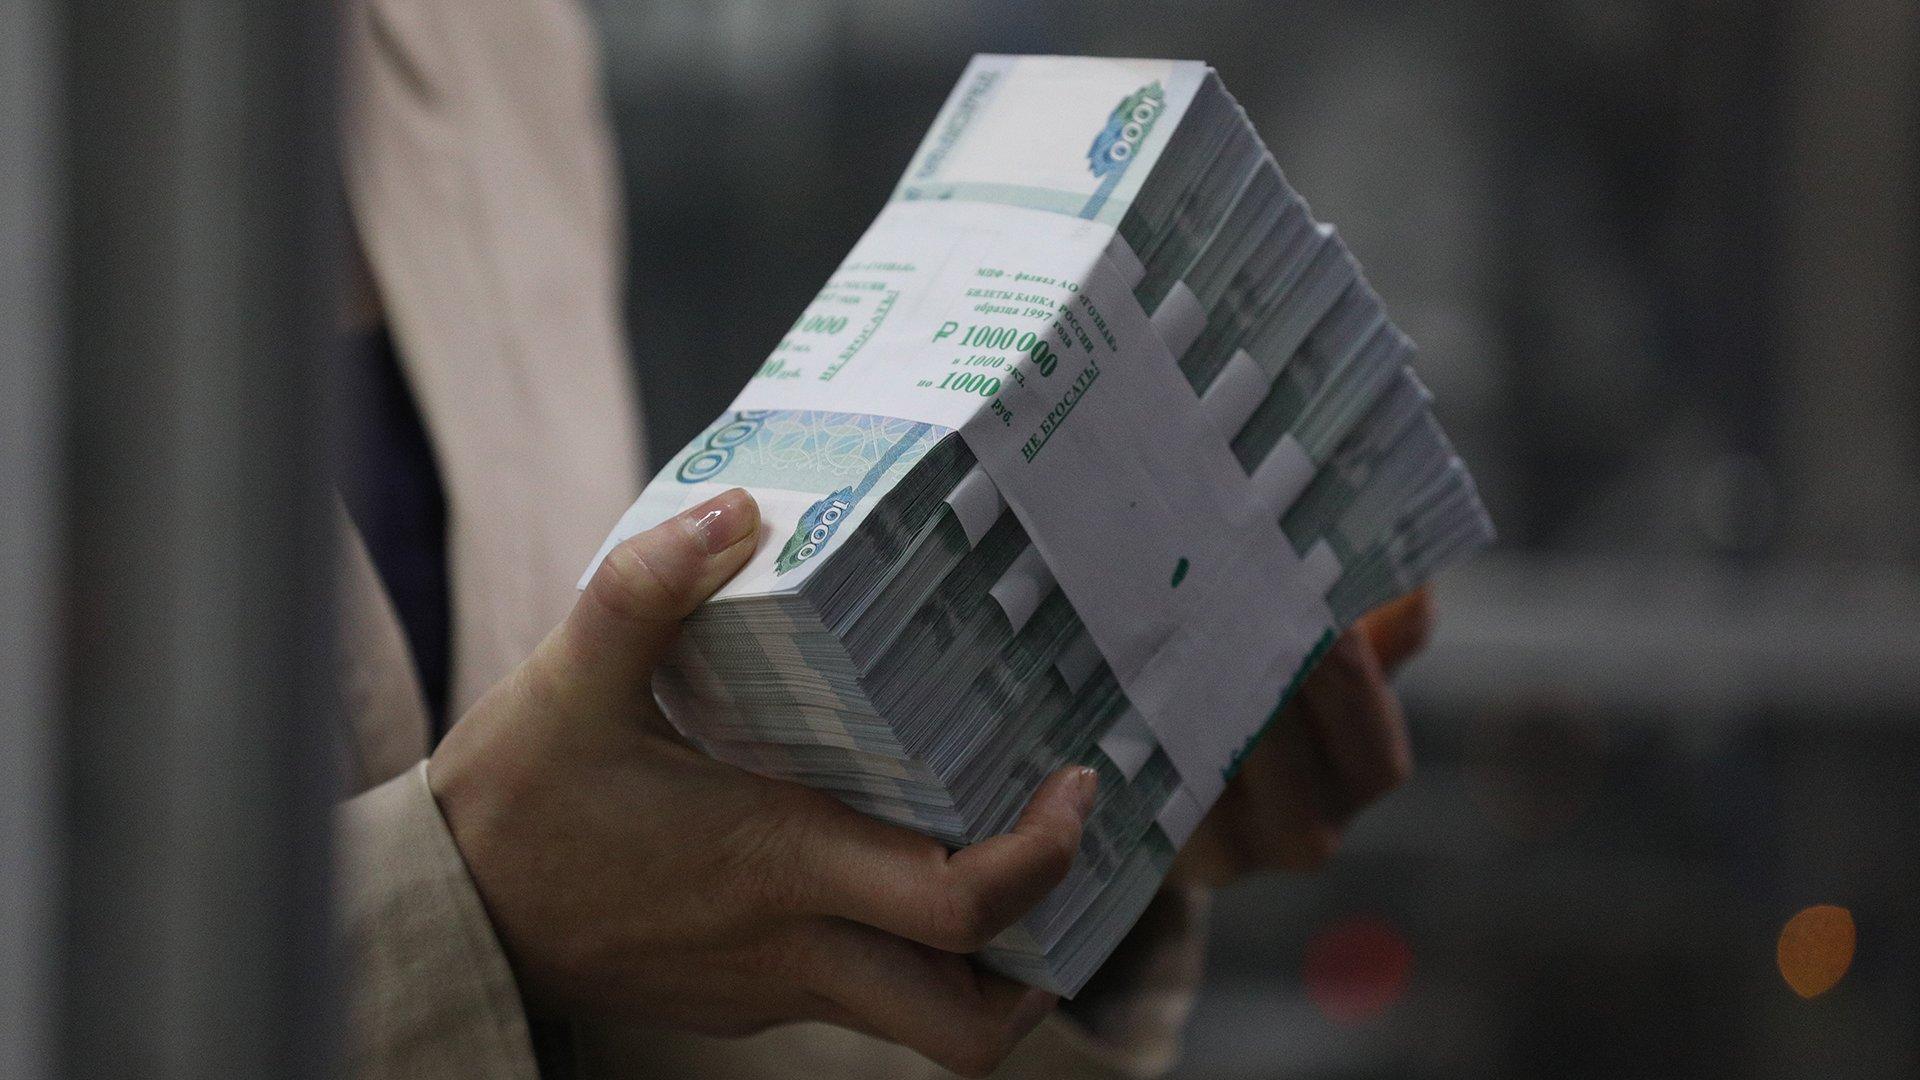 Более 500 млн бюджетных рублей украли в КЧР